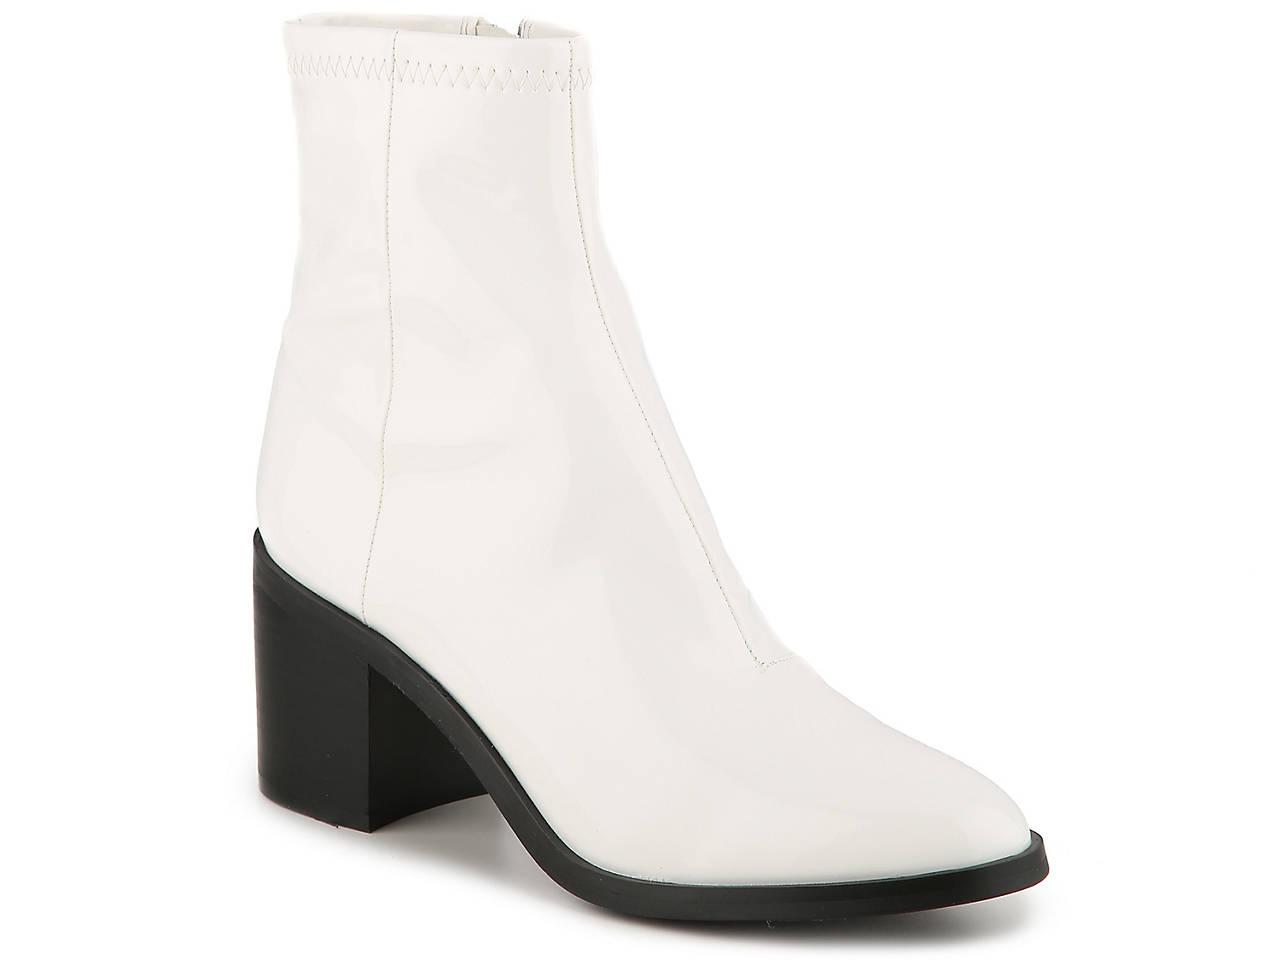 c99de1d7cd0 Steve Madden Pressly Bootie Women s Shoes